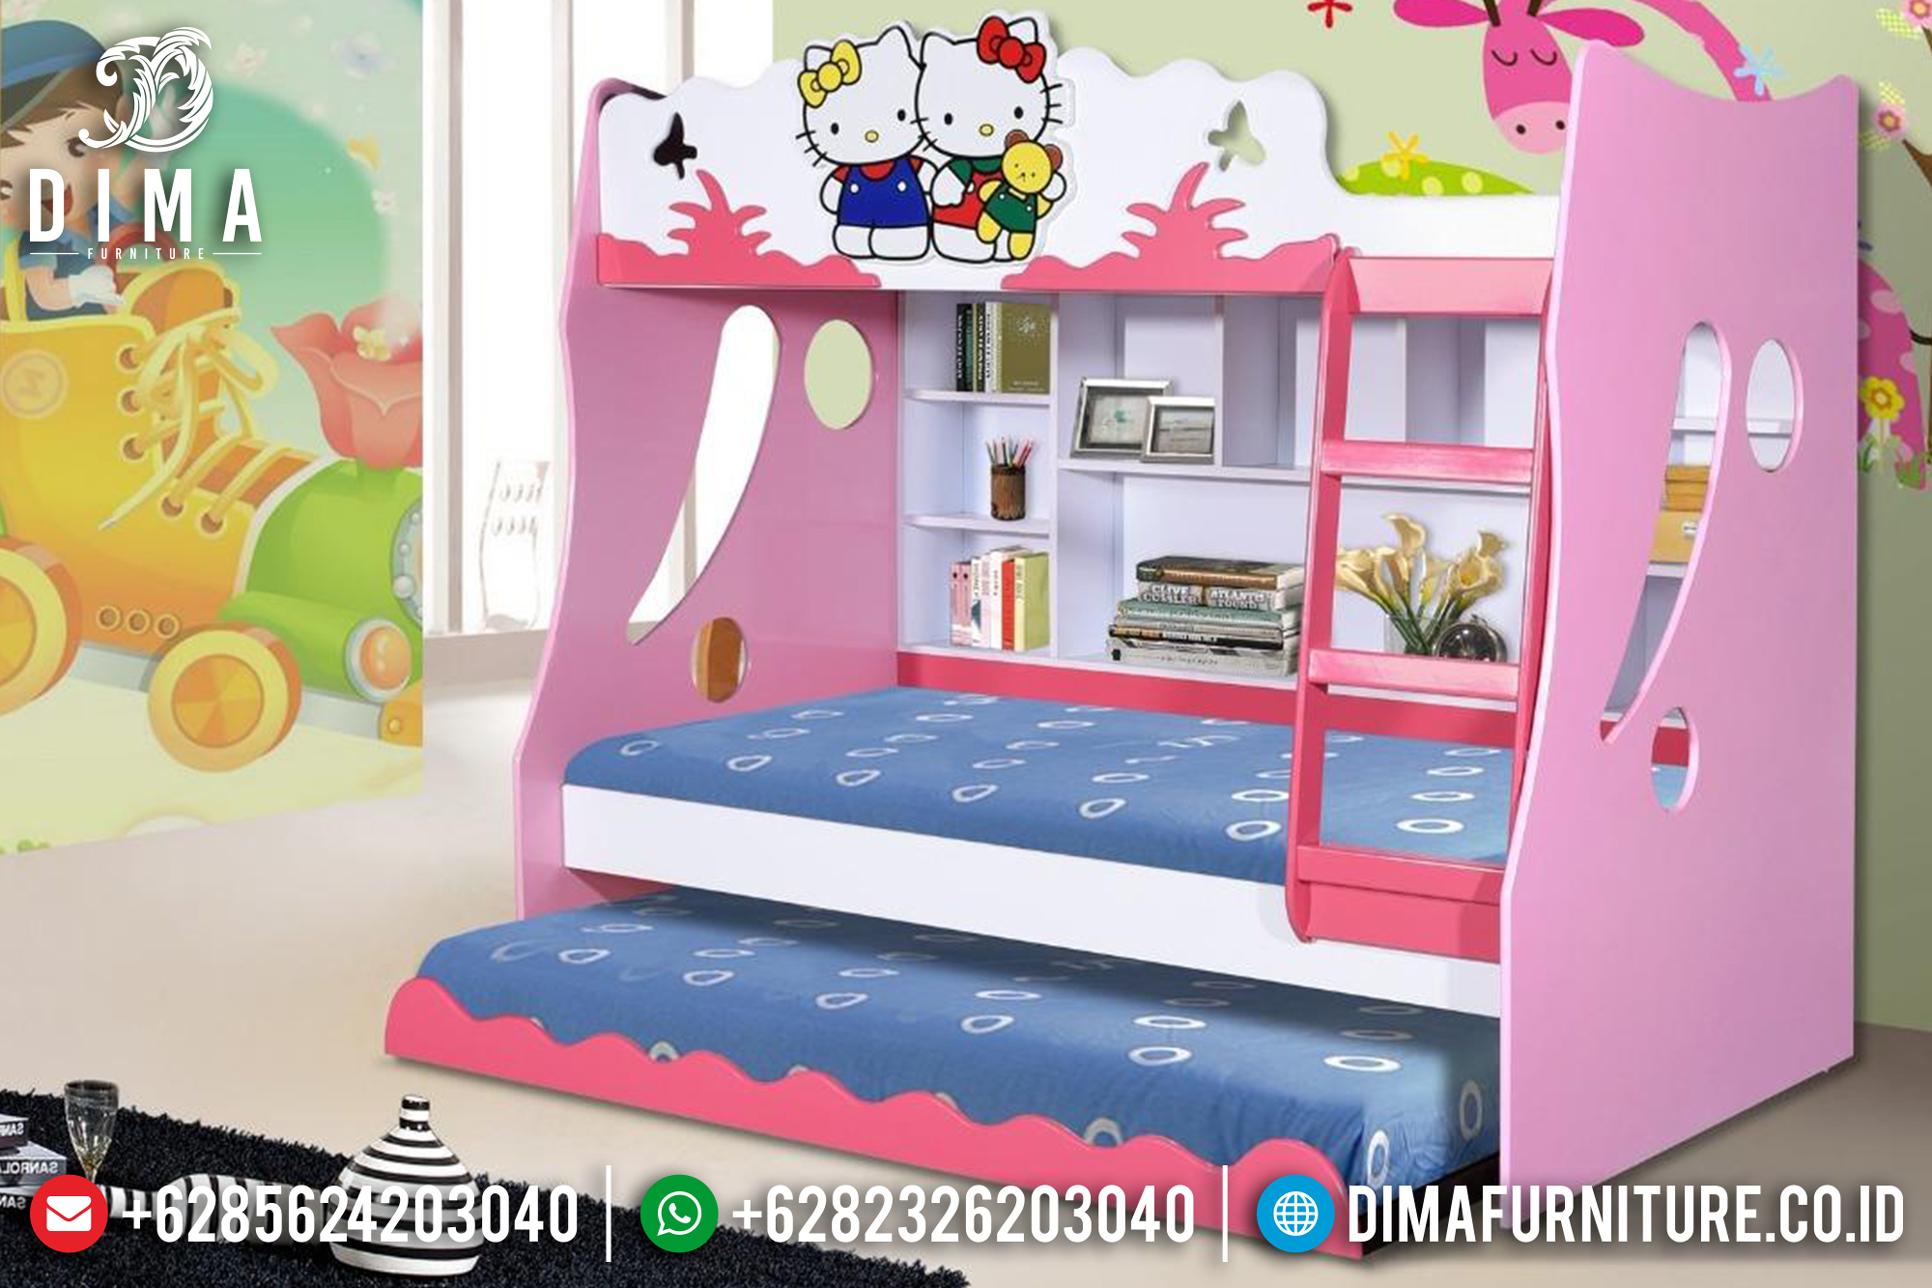 Tempat Tidur Minimalis Anak, Bunk Beds Hello Kitty, Dipan Anak Tingkat DF-0766